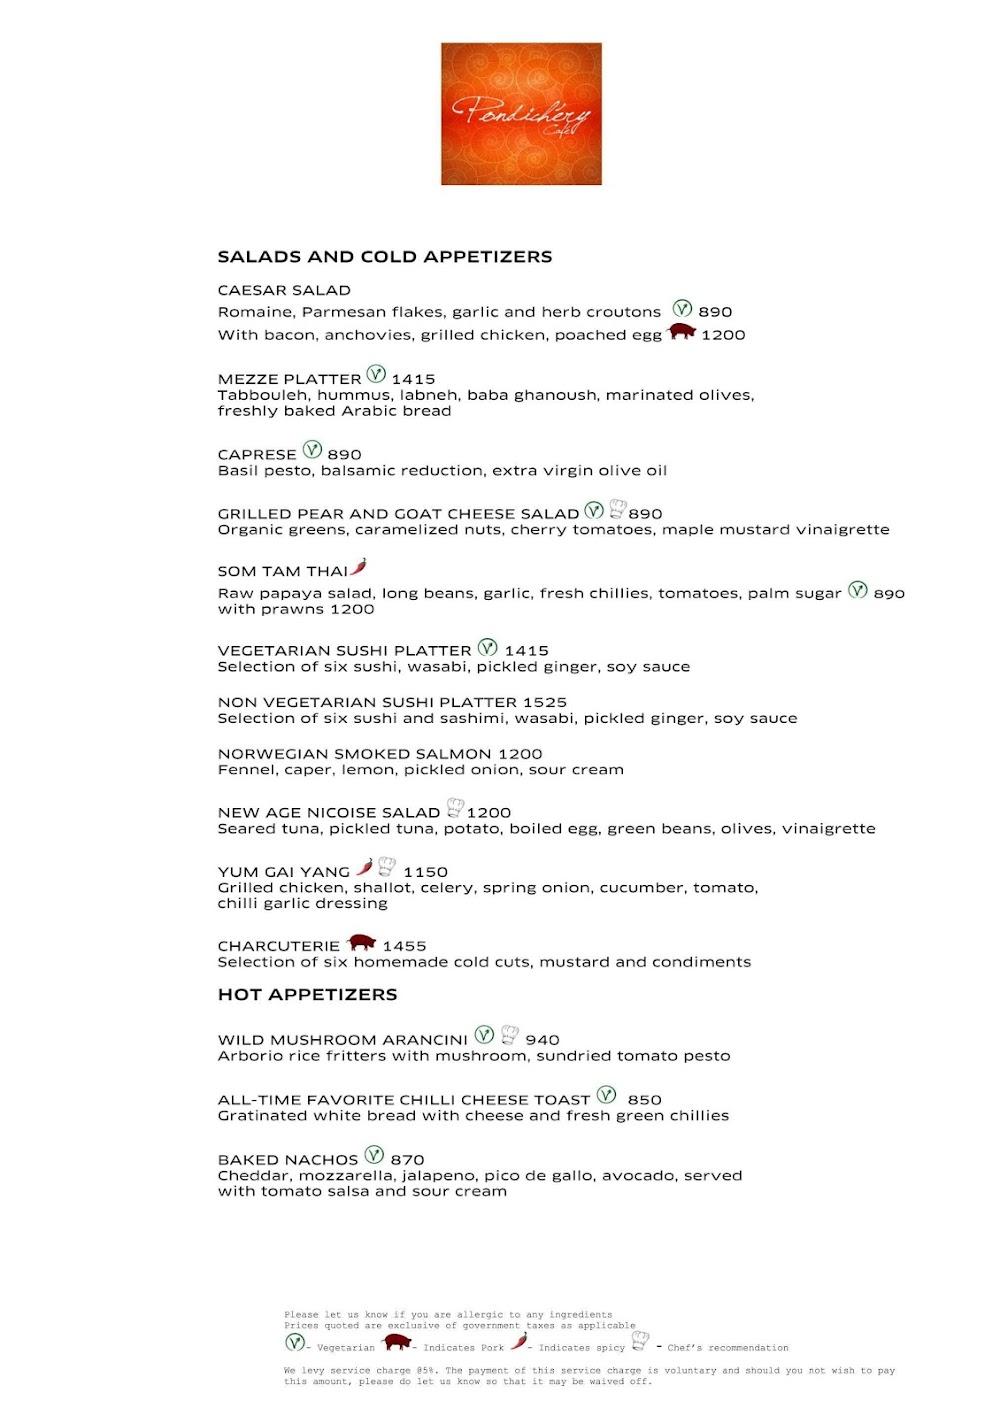 Pondichery Cafe - Sofitel menu 8